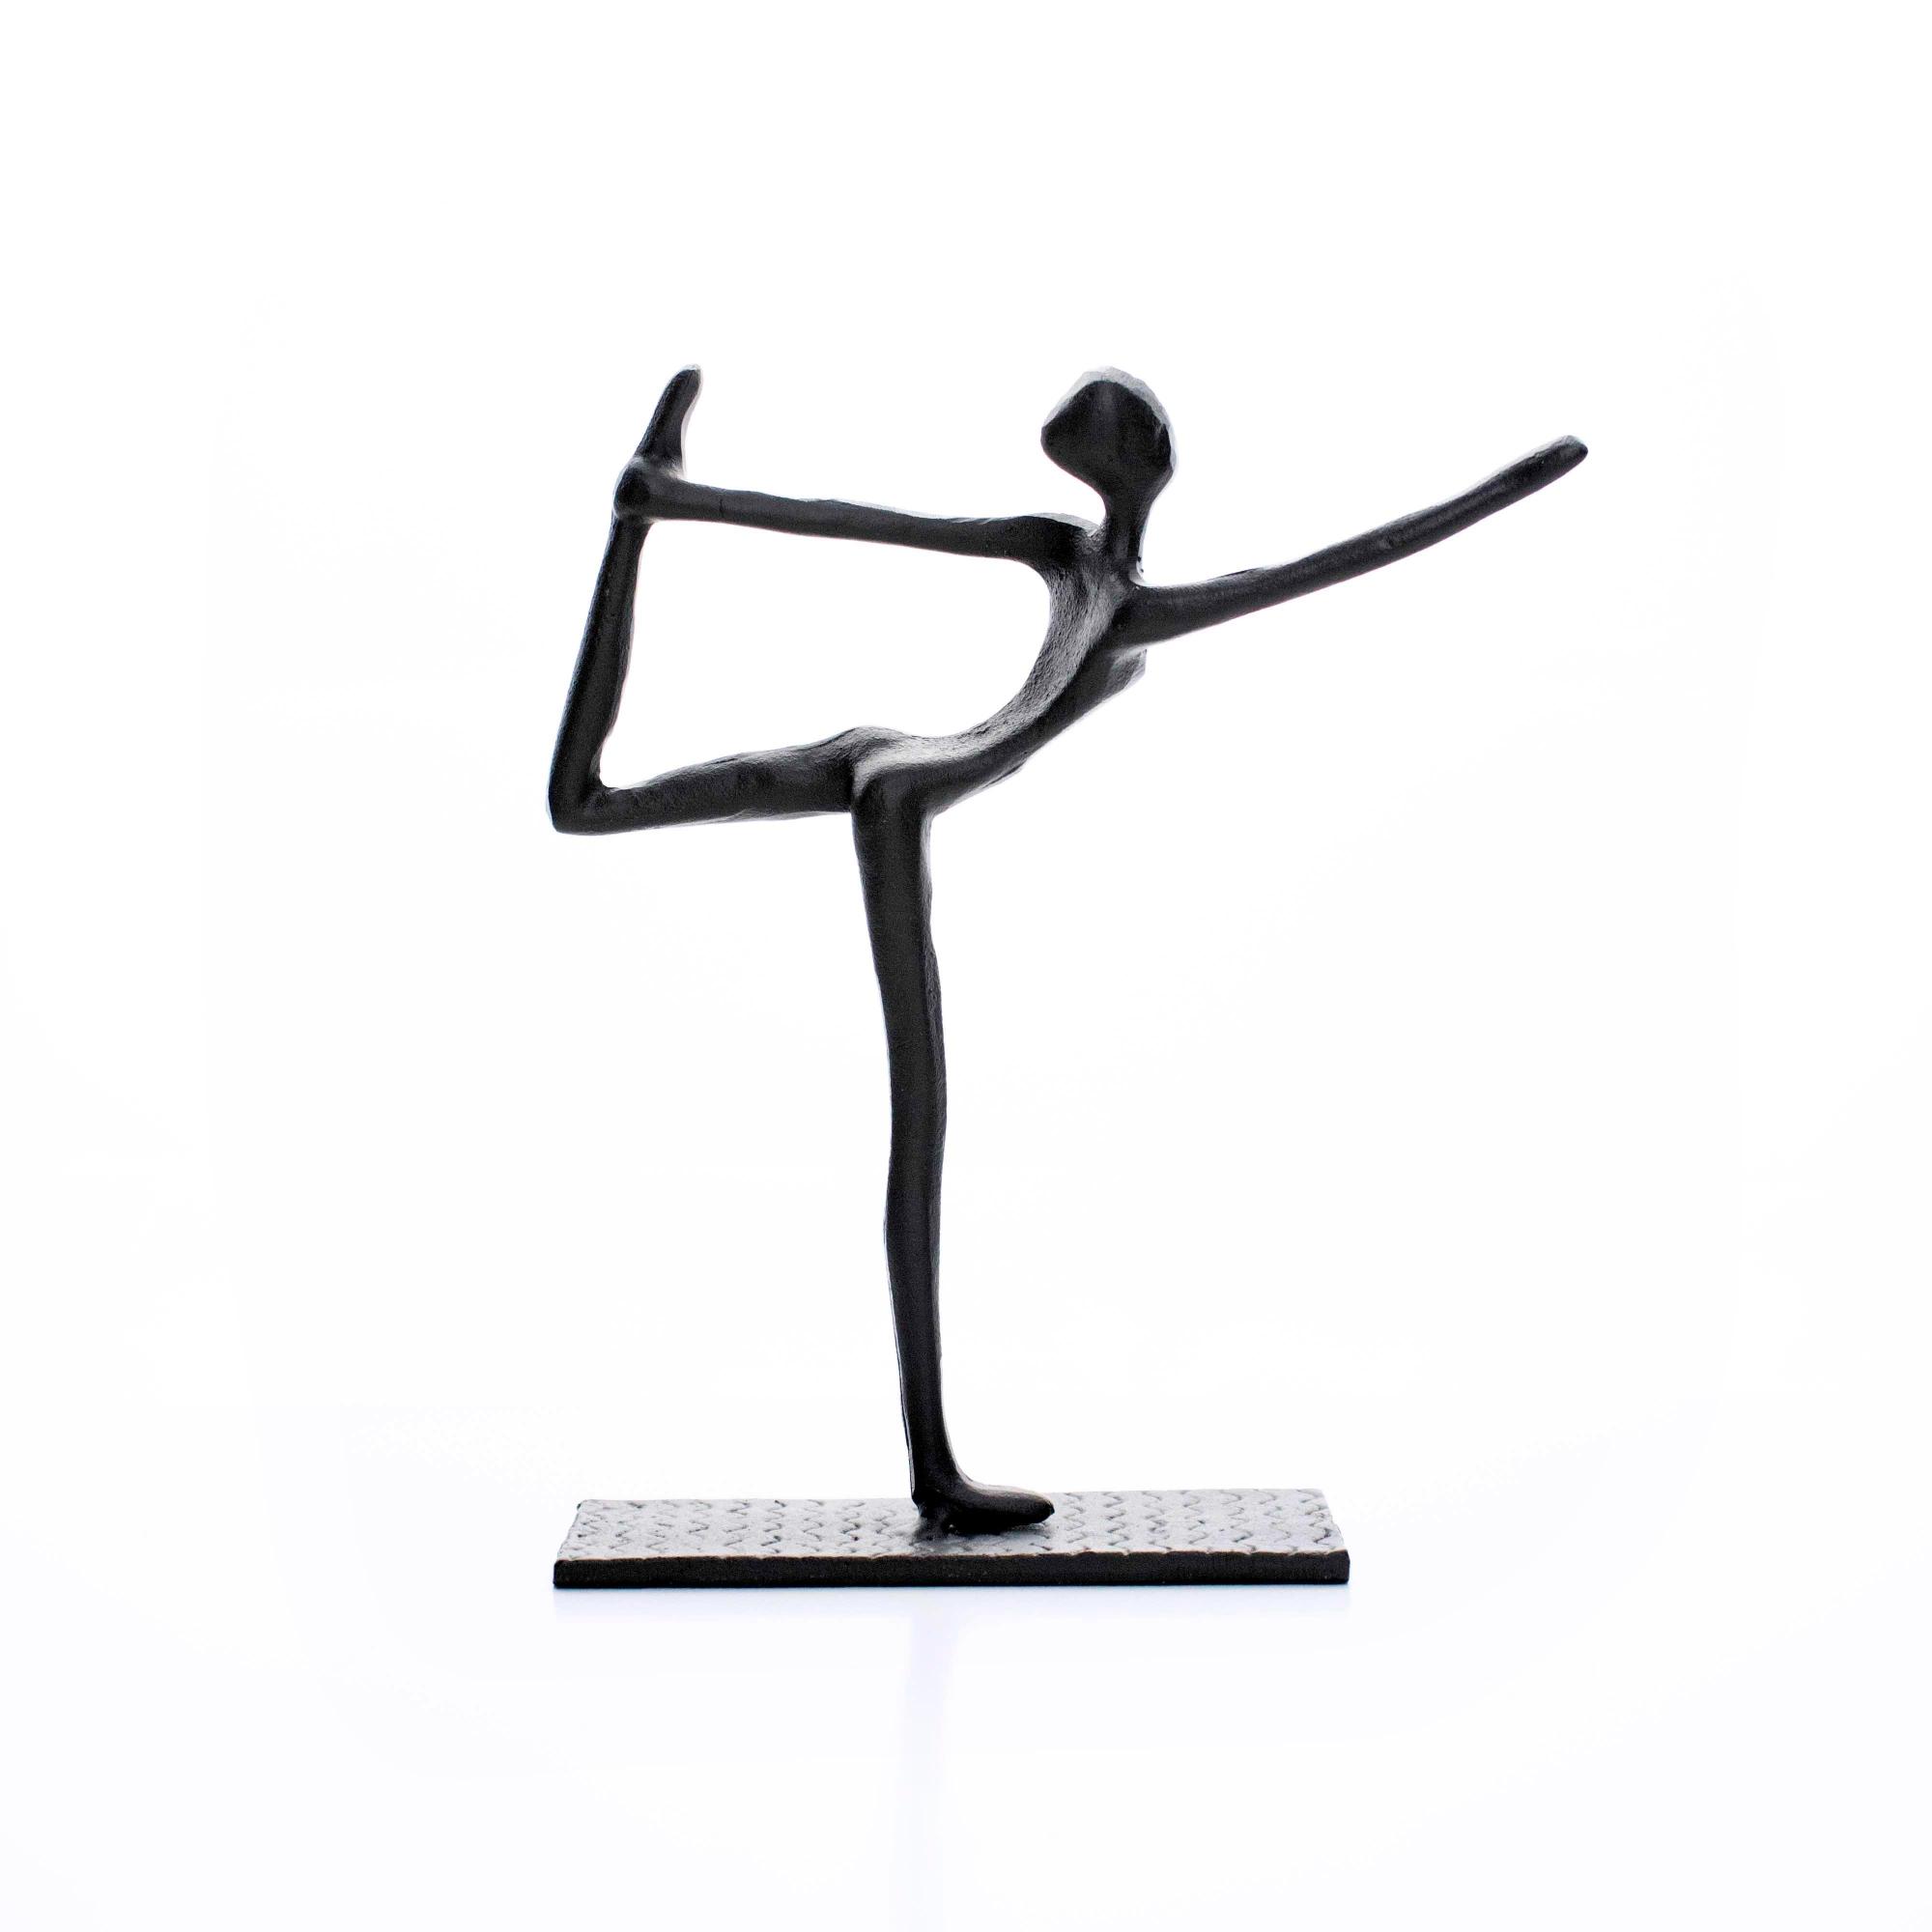 Escultura Decorativa em Metal Preto Equilíbrio 17x14 cm - D'Rossi